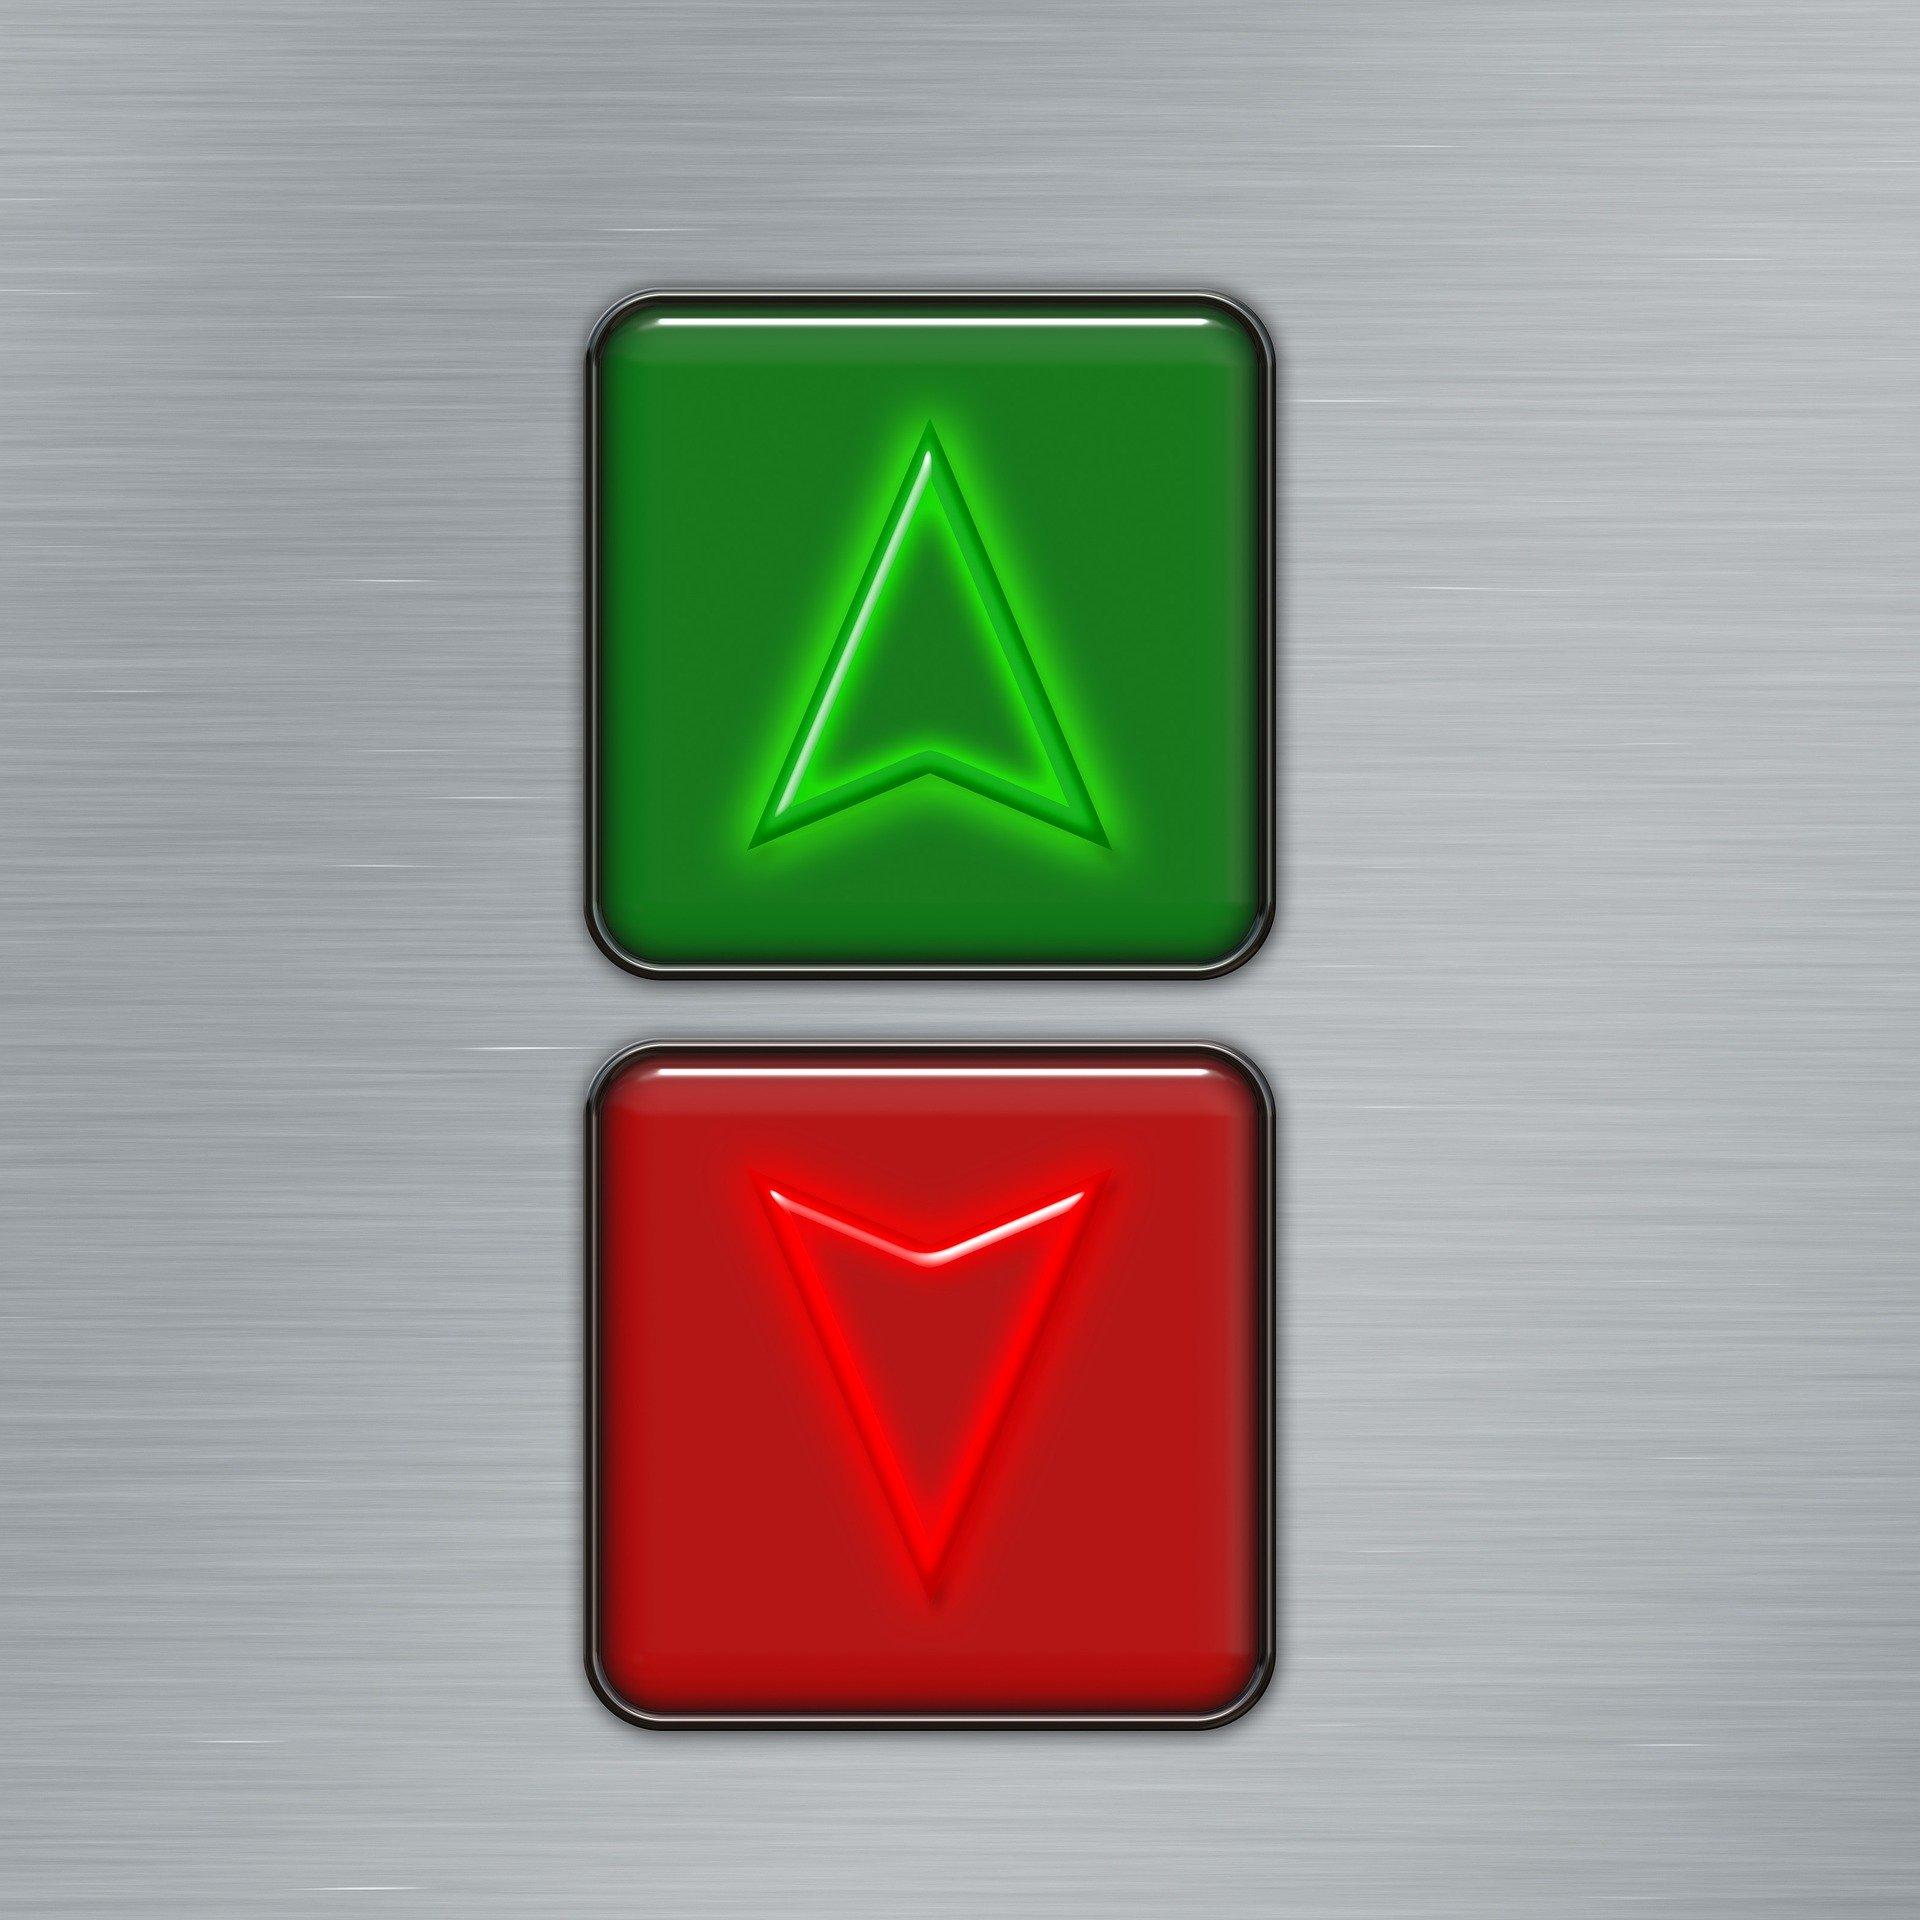 Optionsscheine: Definition, Erklärung & Beispiele